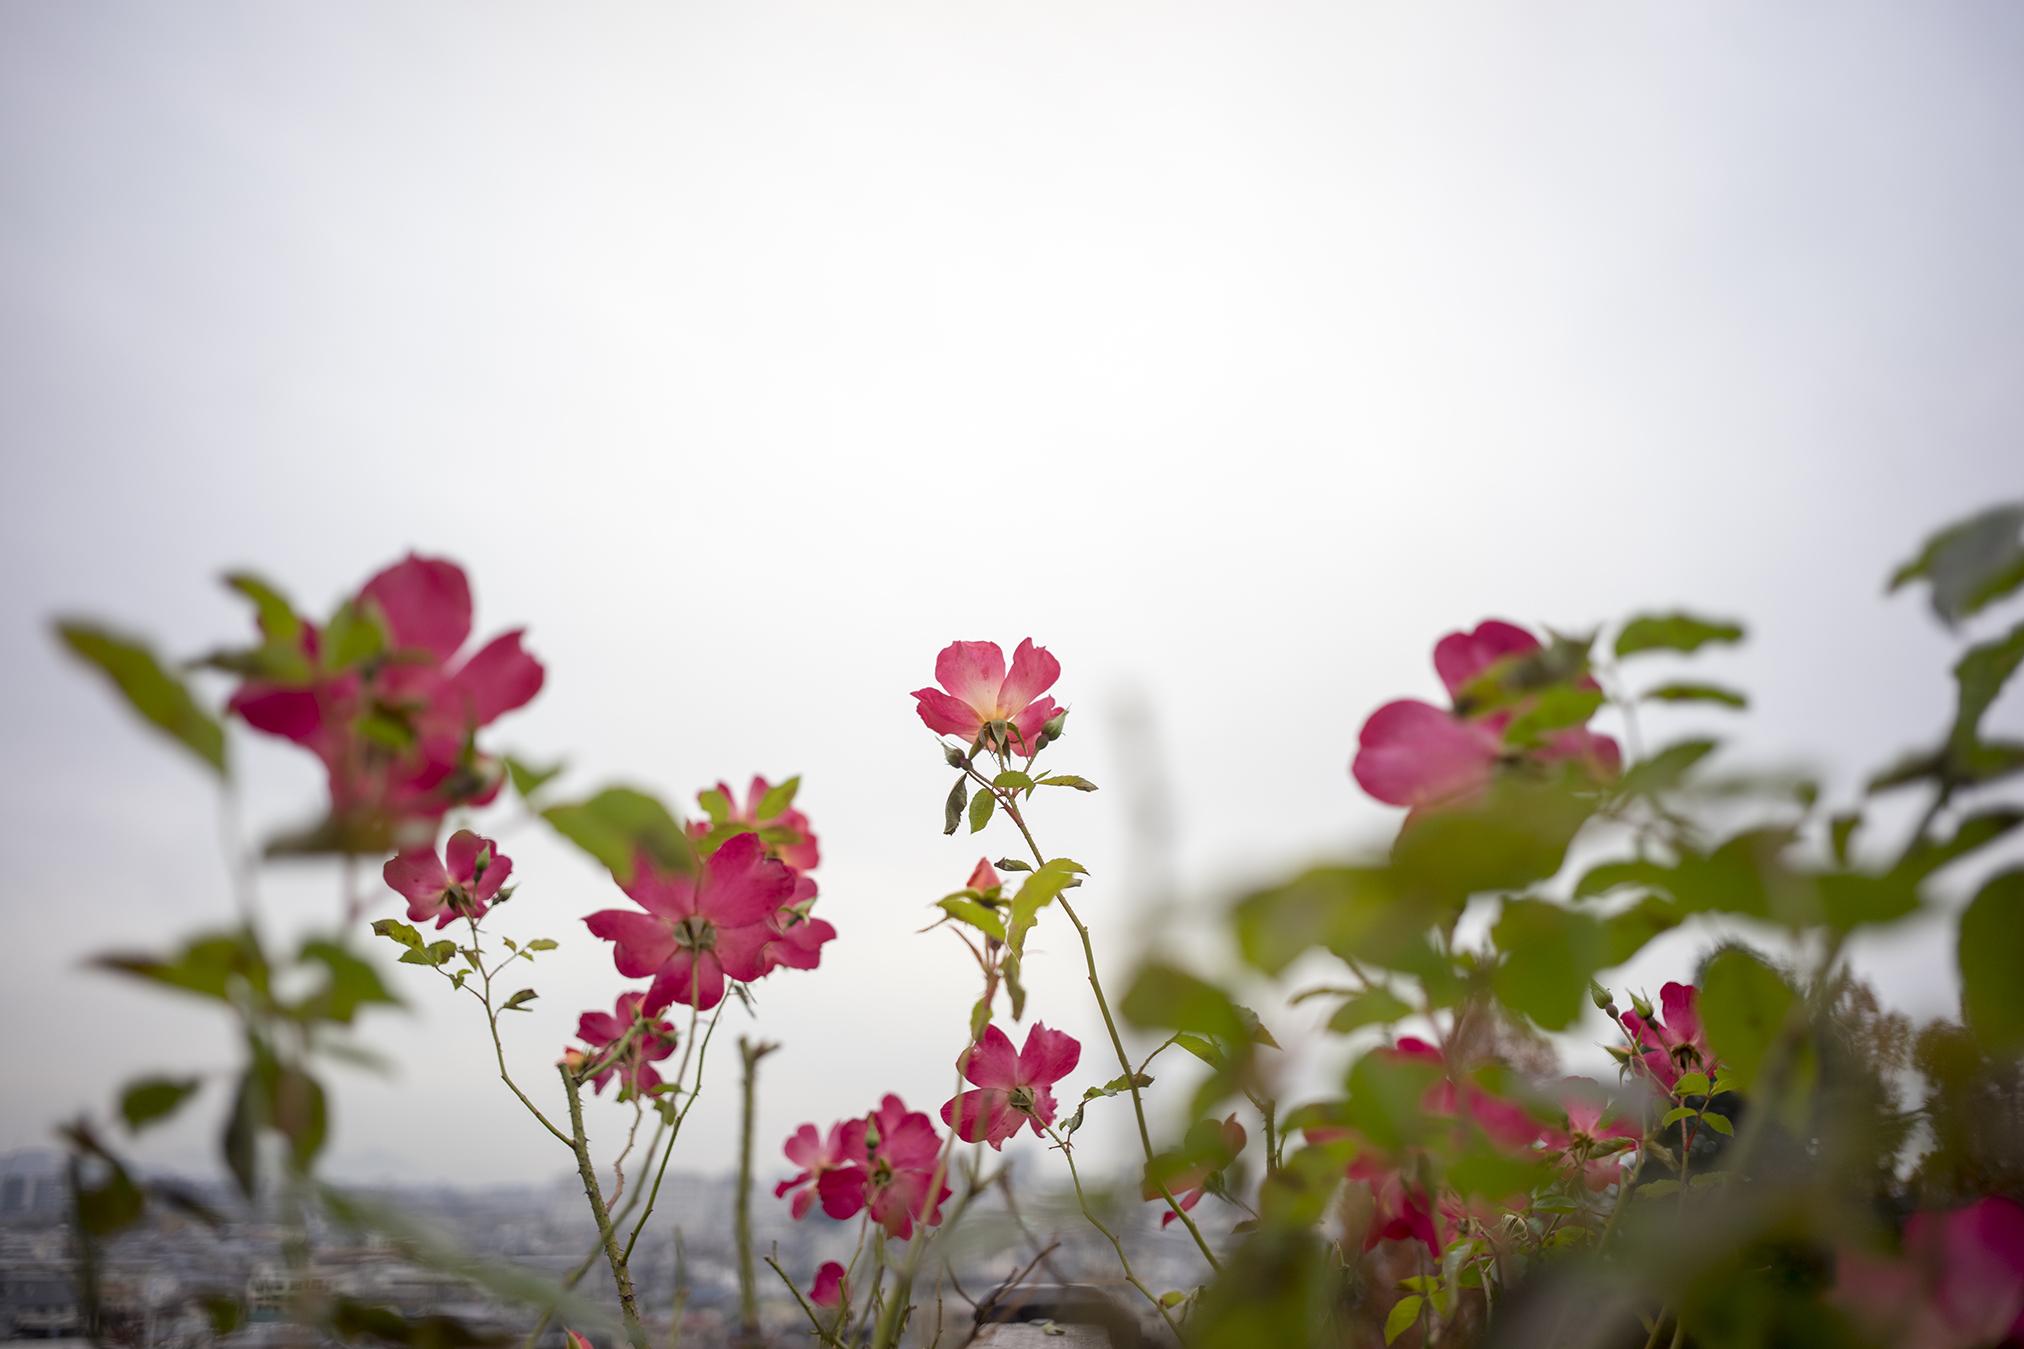 岡山市『半田山植物園』の秋に咲く花たち